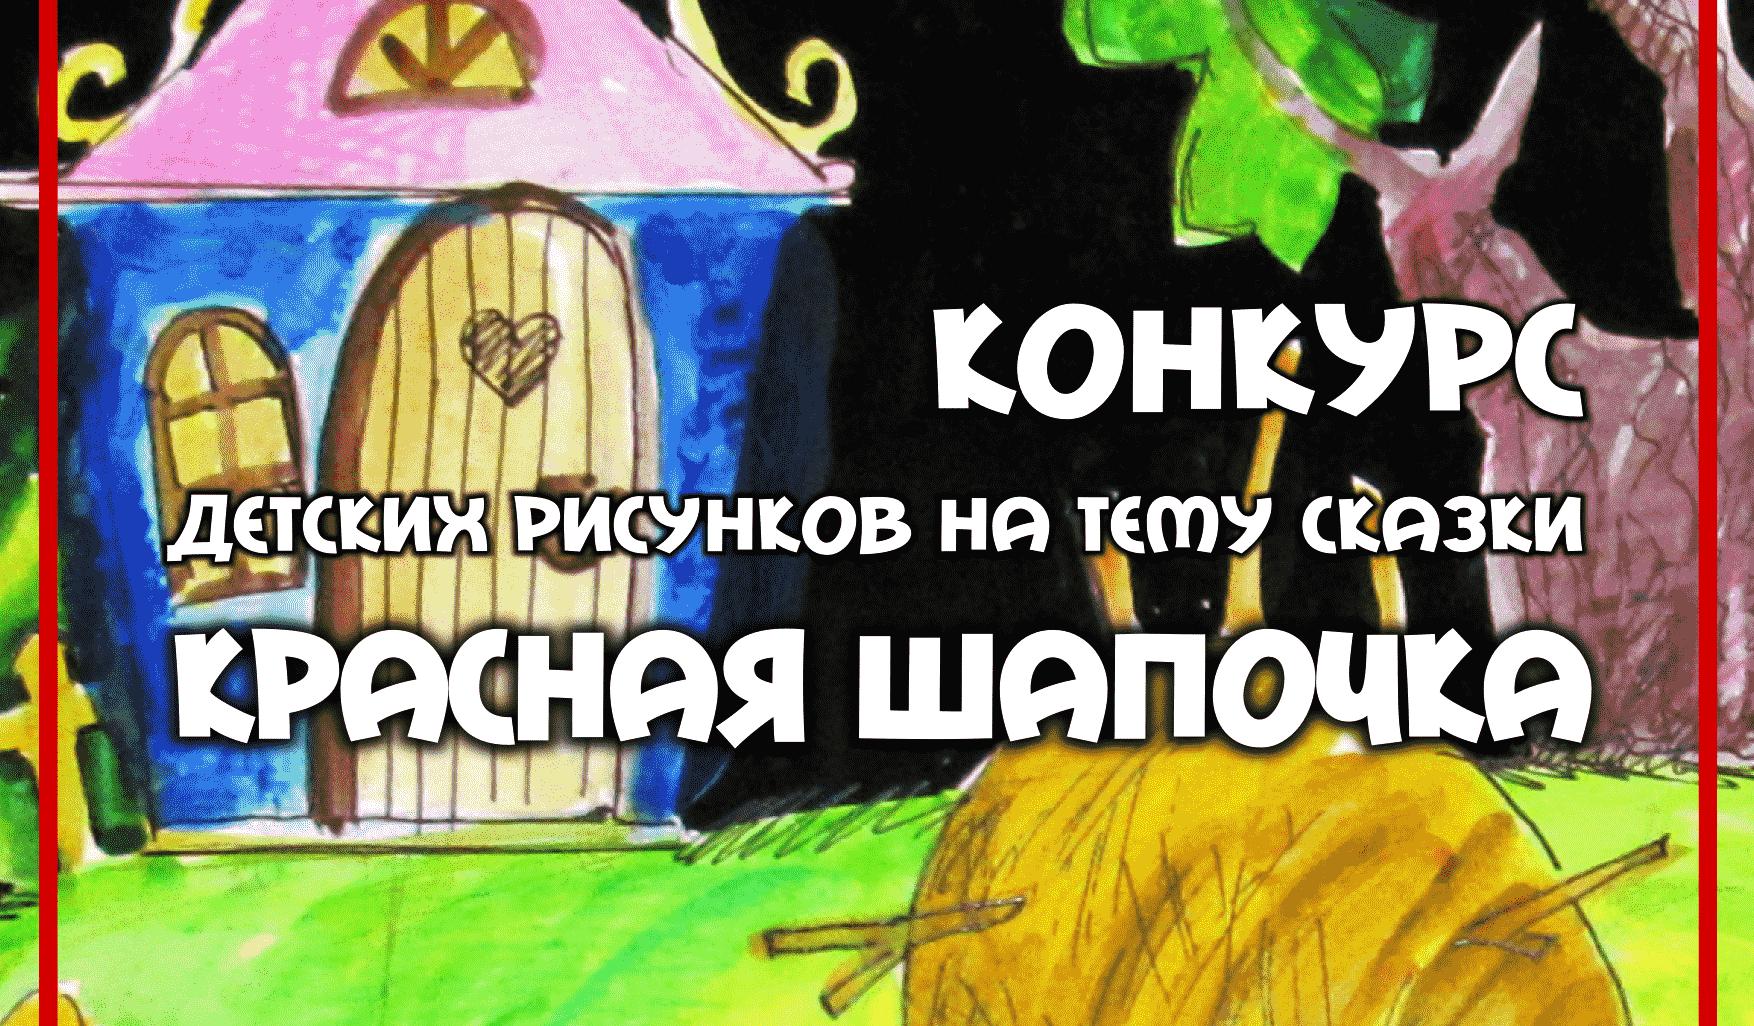 konkurs_krasnay_shap1-min_752-440